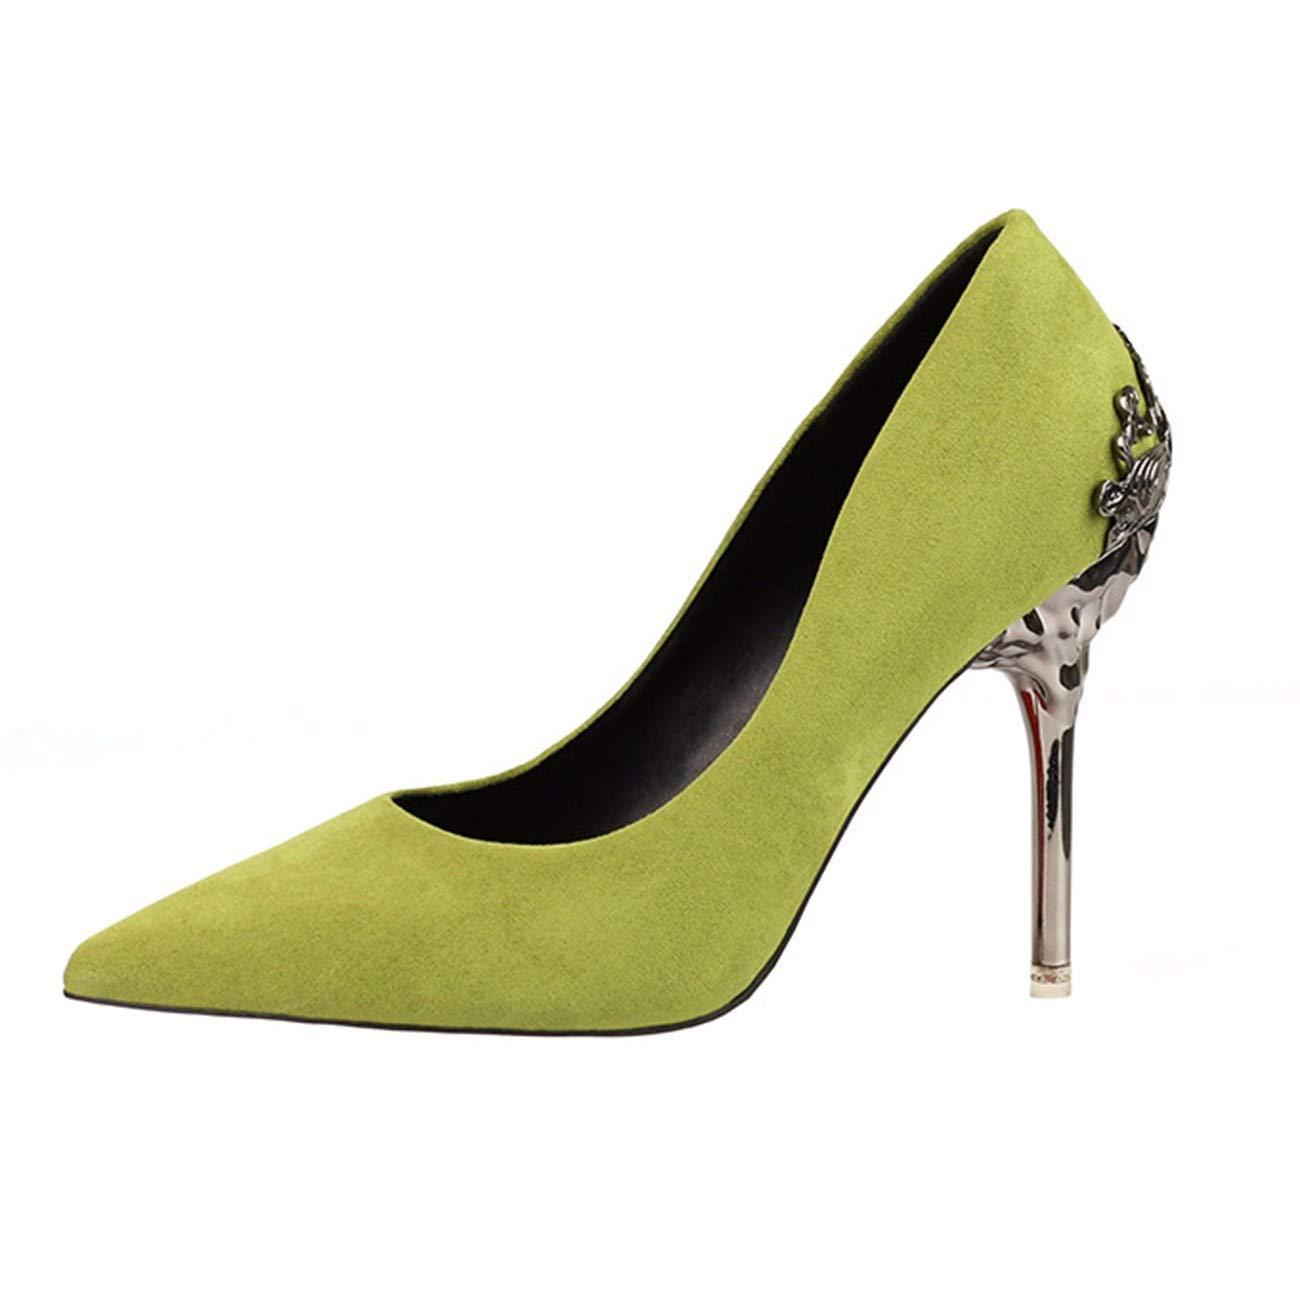 QPGGP-schuhe Euro - amerikanischen gut betuchte super hochhackige Damenschuhe mit Wildleder Elegante angepitzten Kopf und eine breite Palette von high Heels